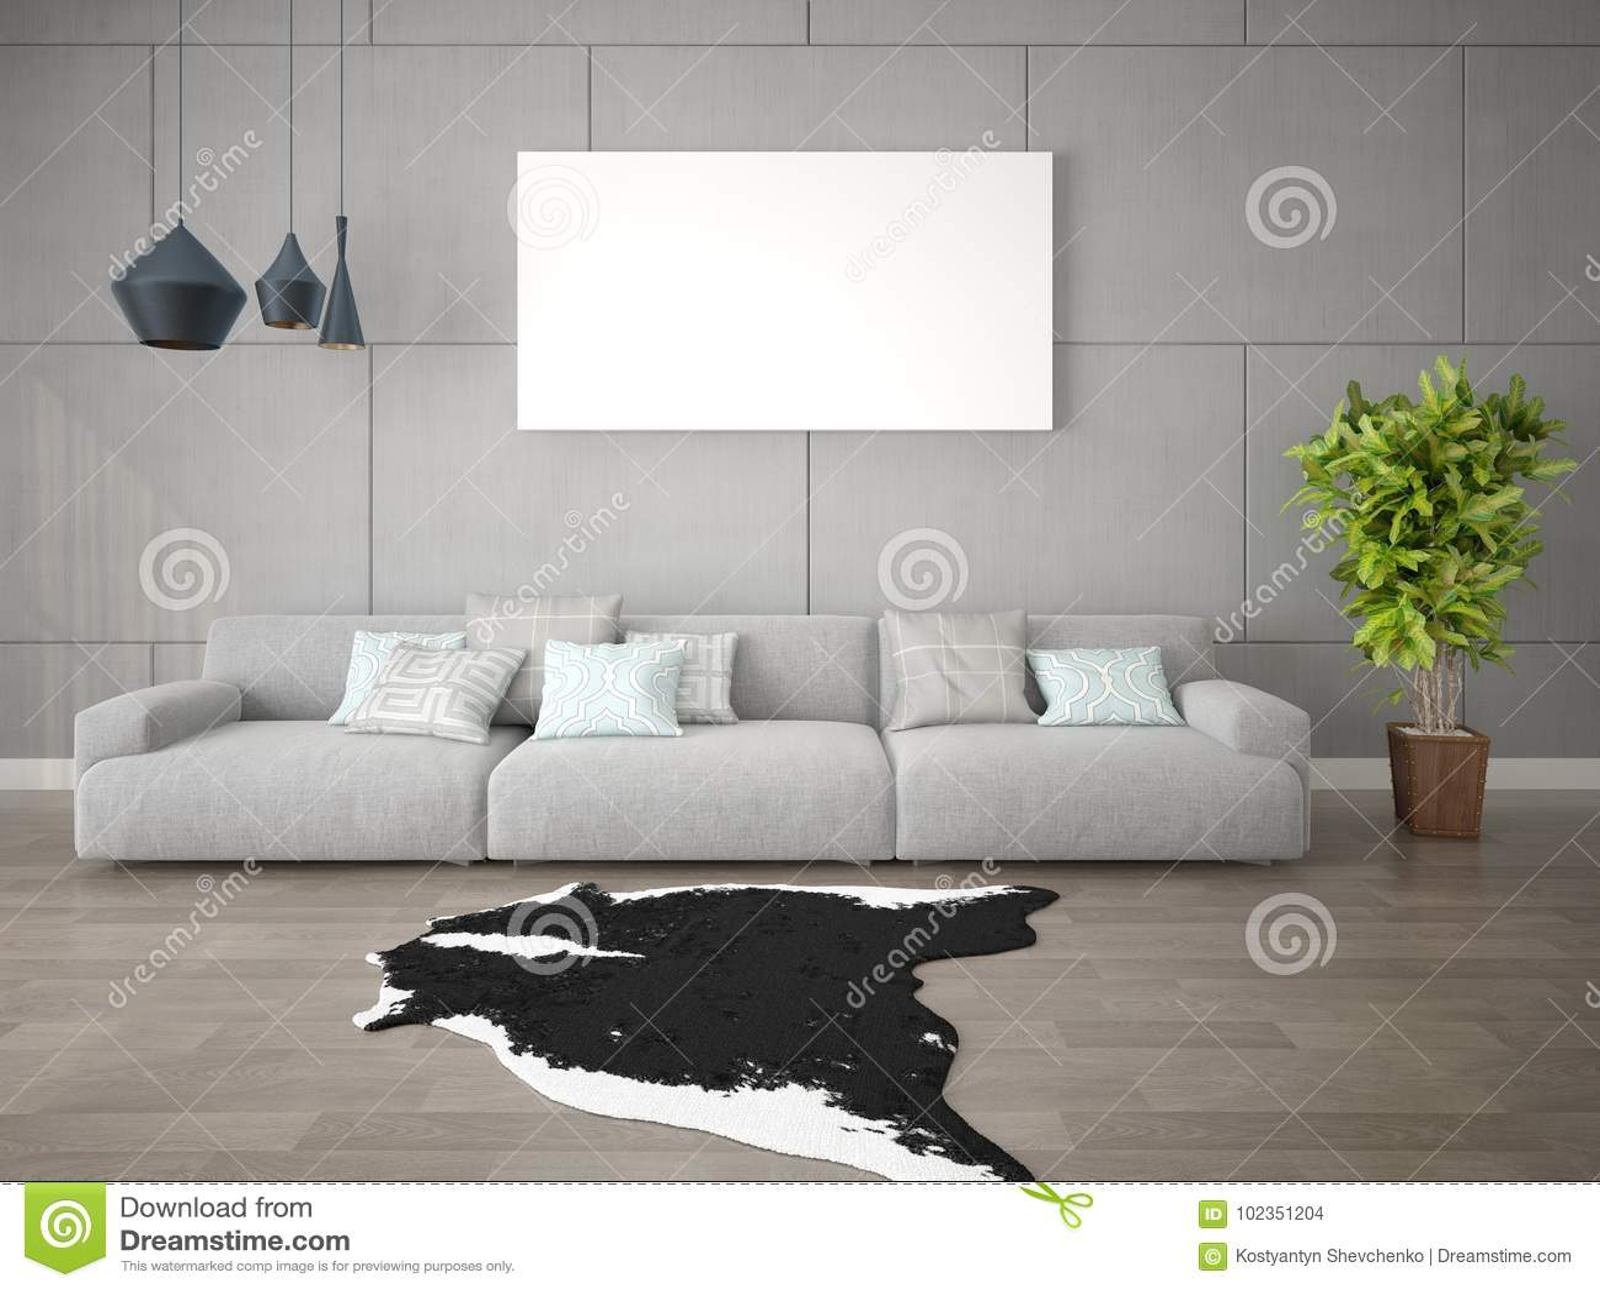 large vase for living room middle east furniture mock up a modern with stock illustration